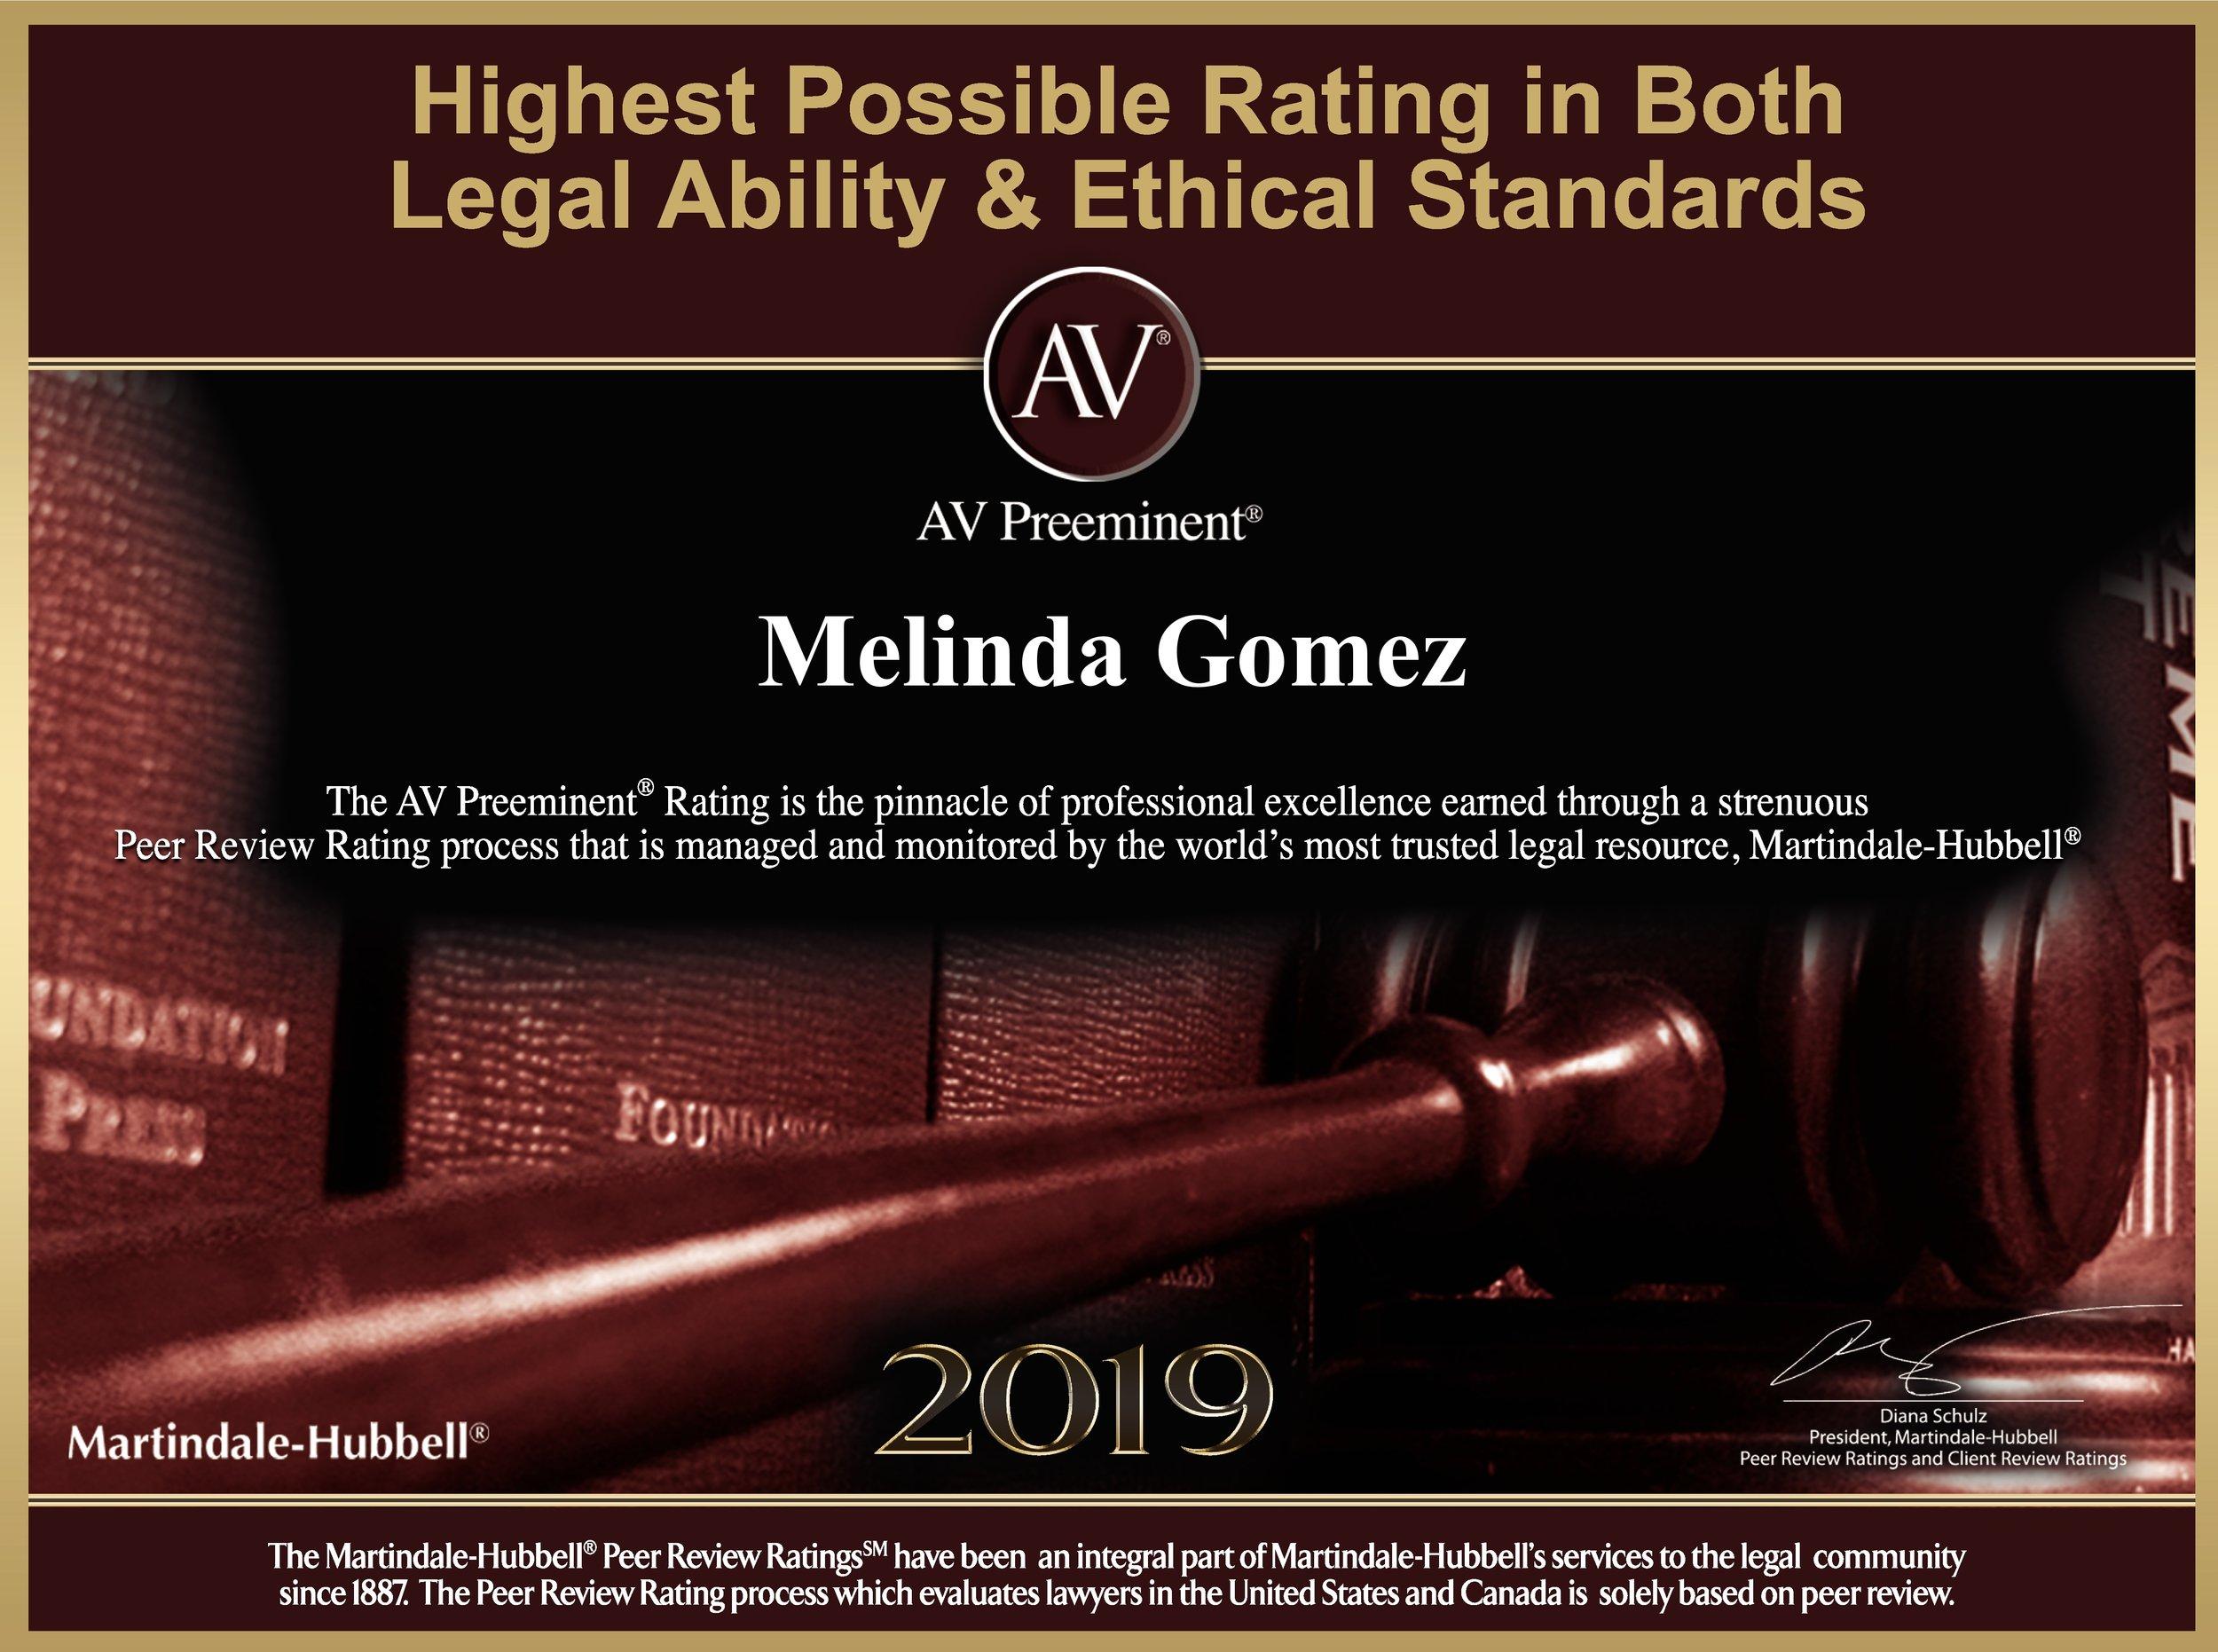 2019 AV Rating.jpg